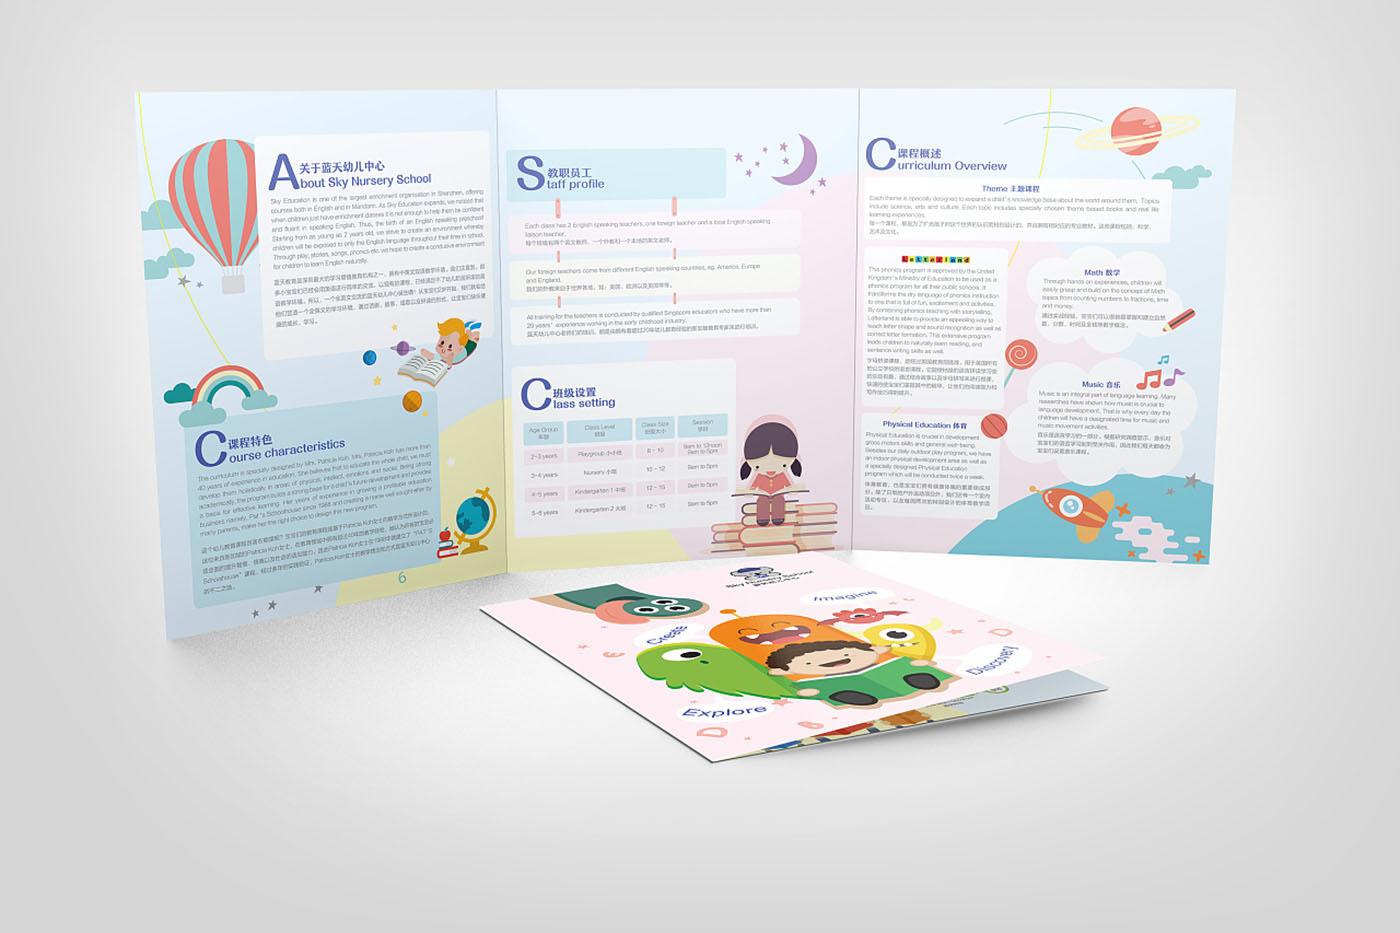 教育宣传折页设计,教育宣传折页设计公司